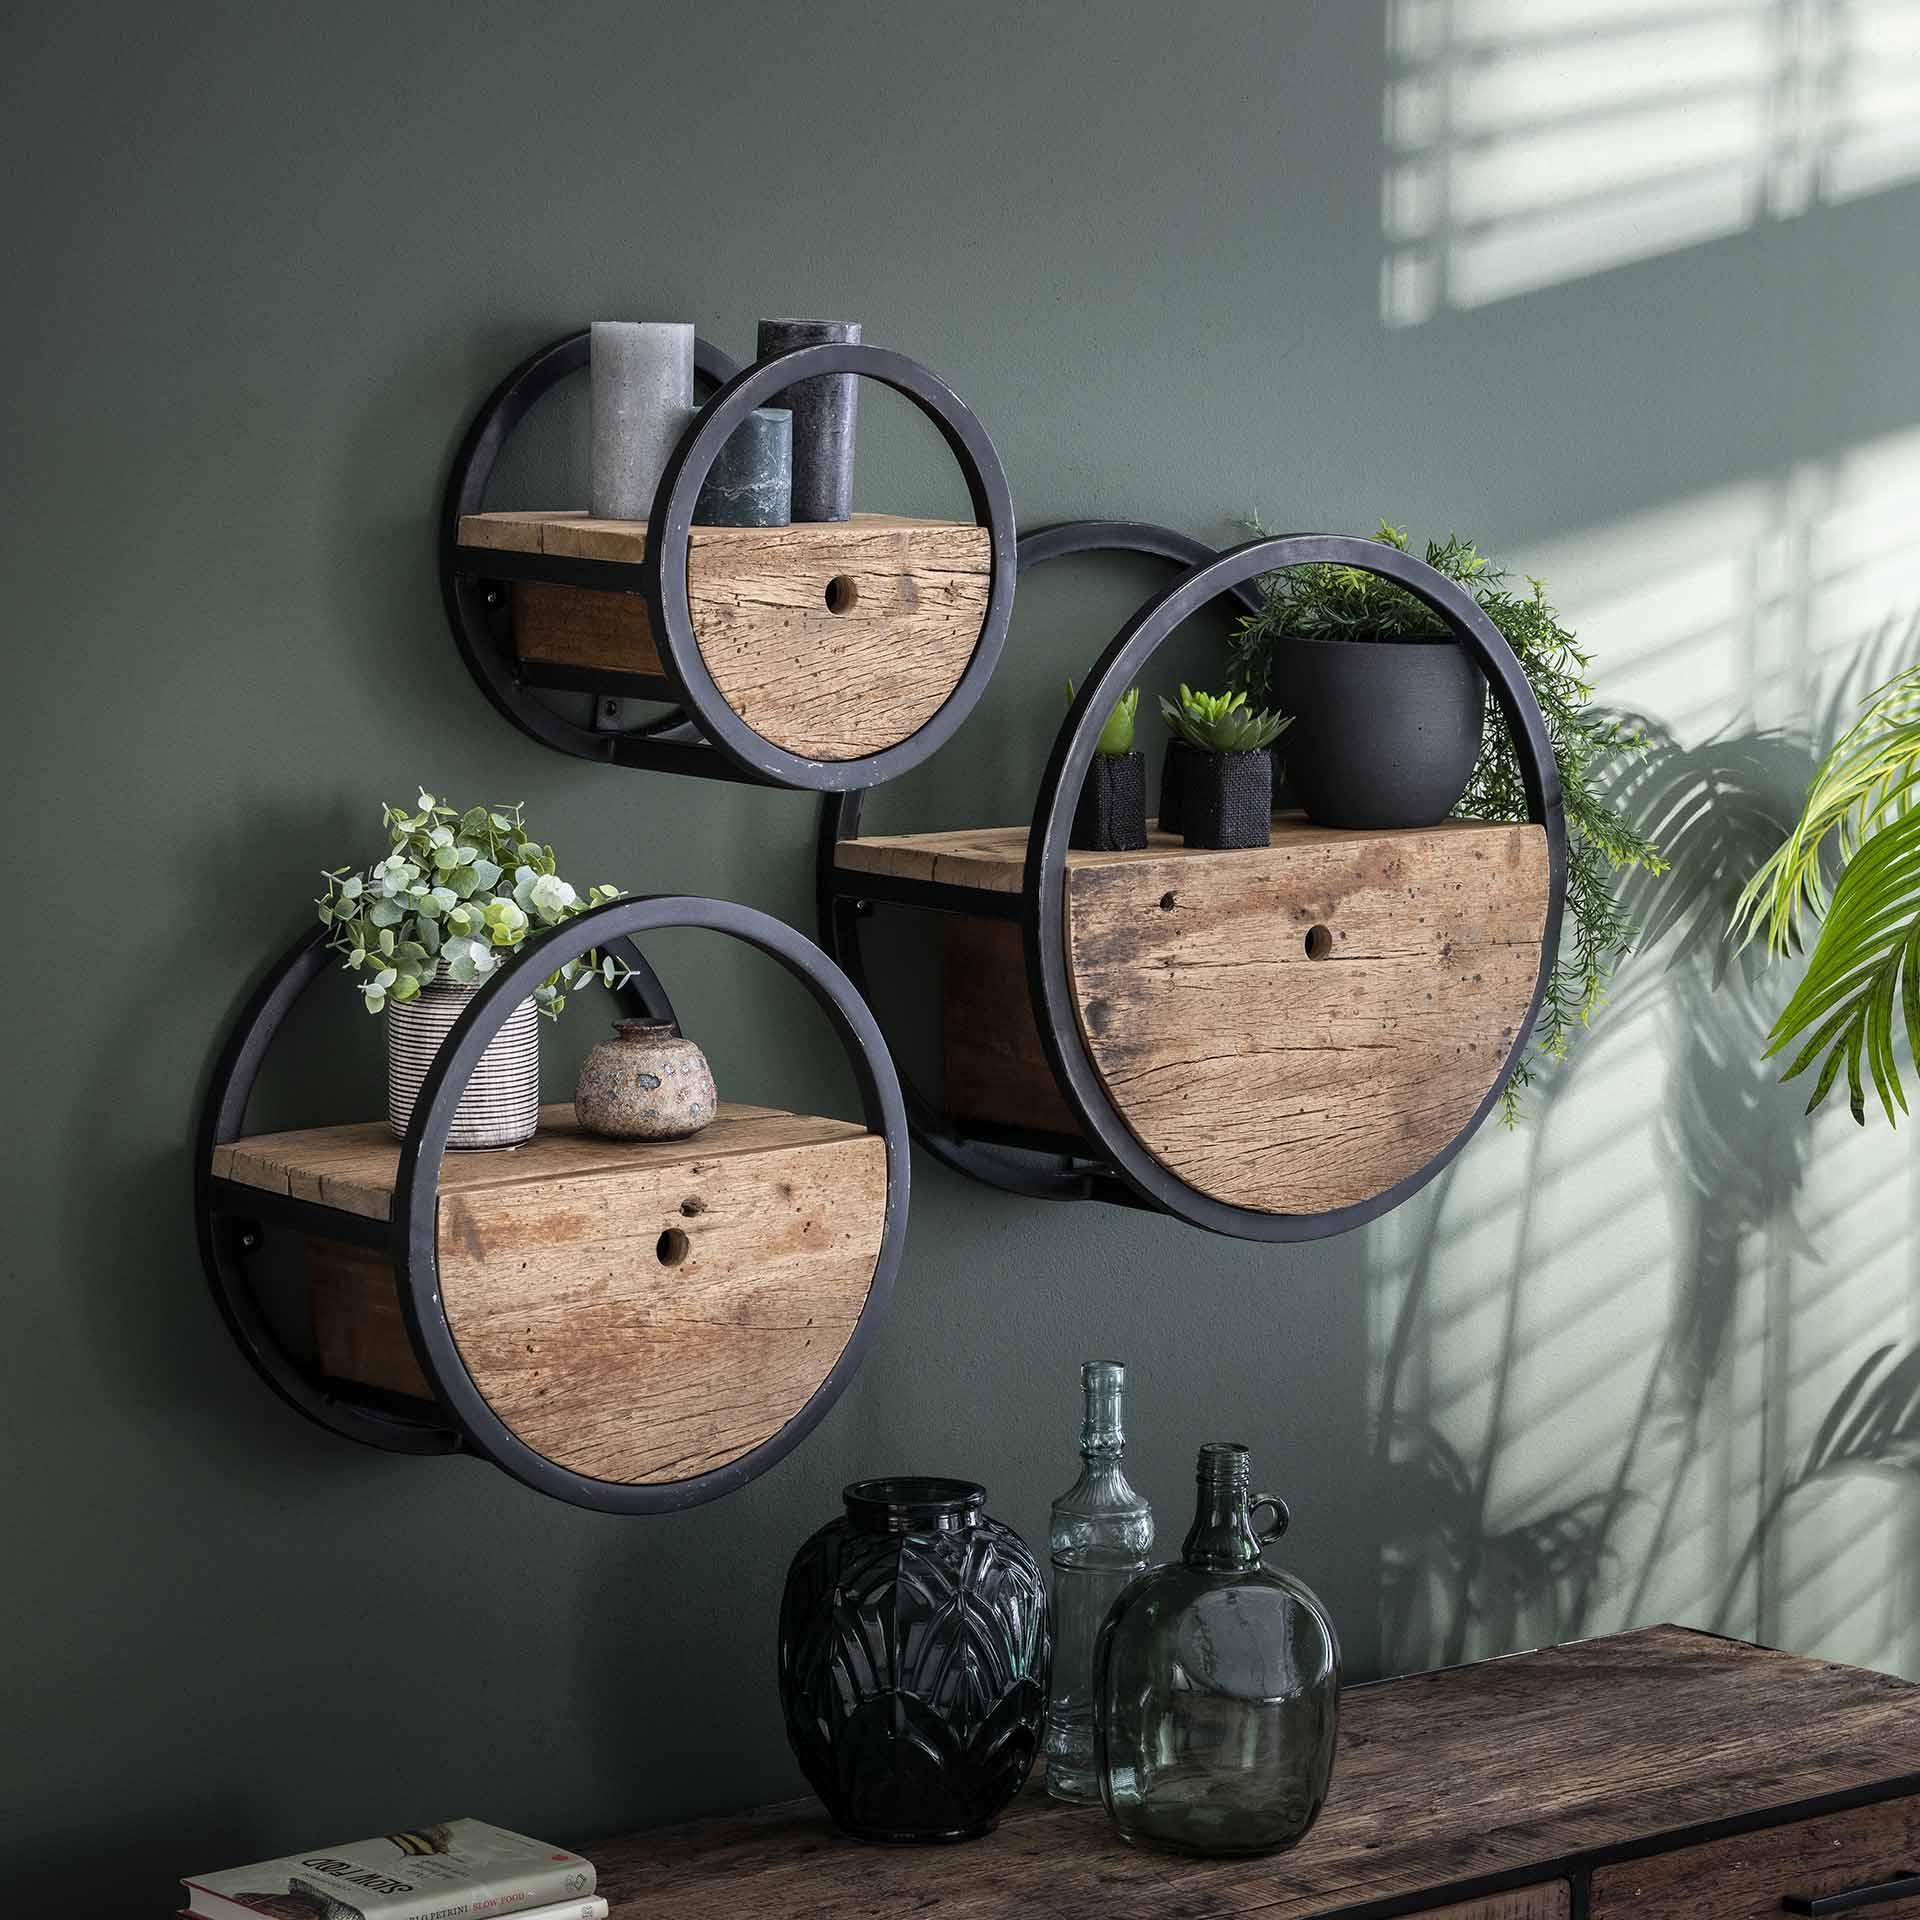 etagere murale ronde bois recycle brut 1 tiroir d30 cm cyclades etageres murales pier import